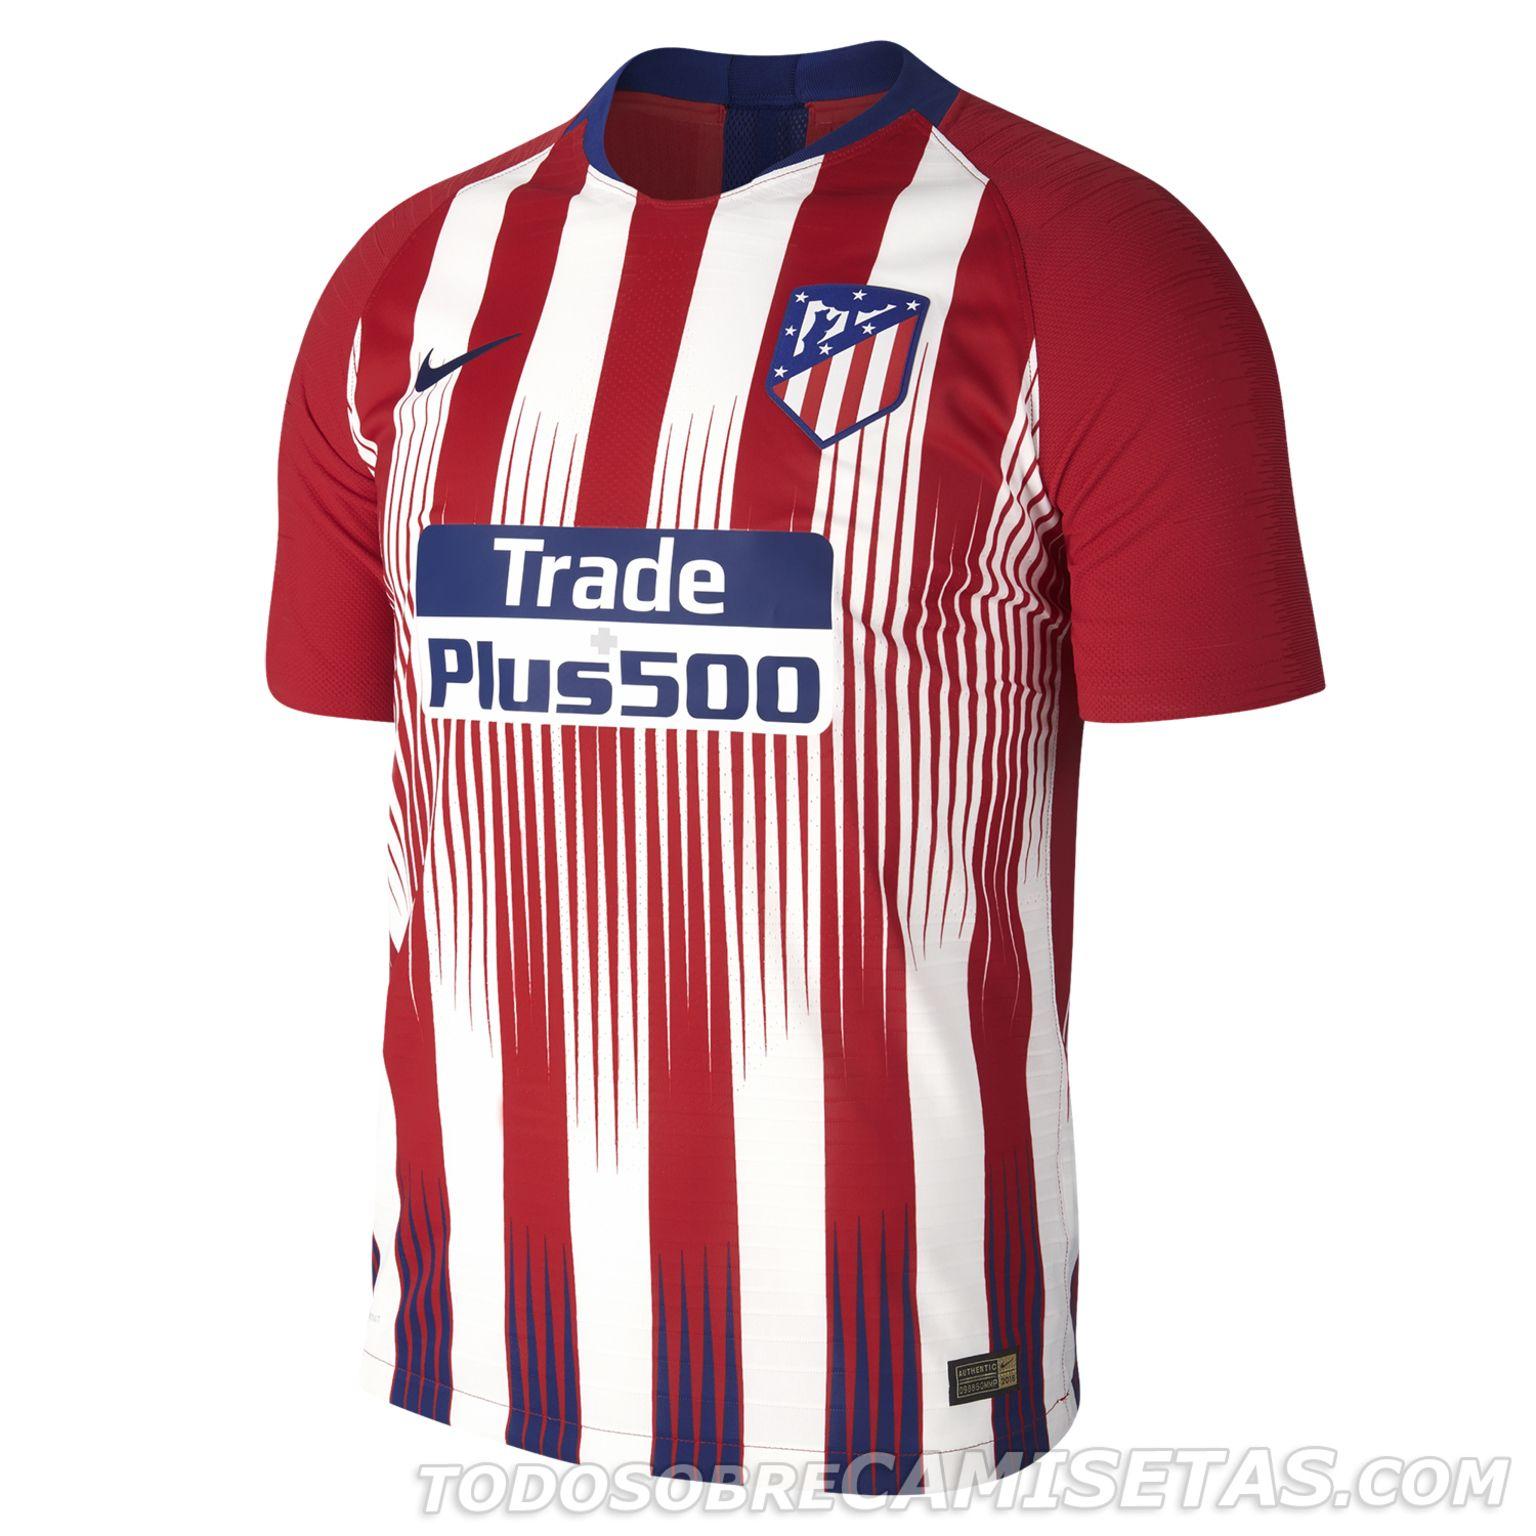 Camiseta Nike de Atlético de Madrid 2018-19 - Todo Sobre Camisetas ... 4e7ad03ae2d63